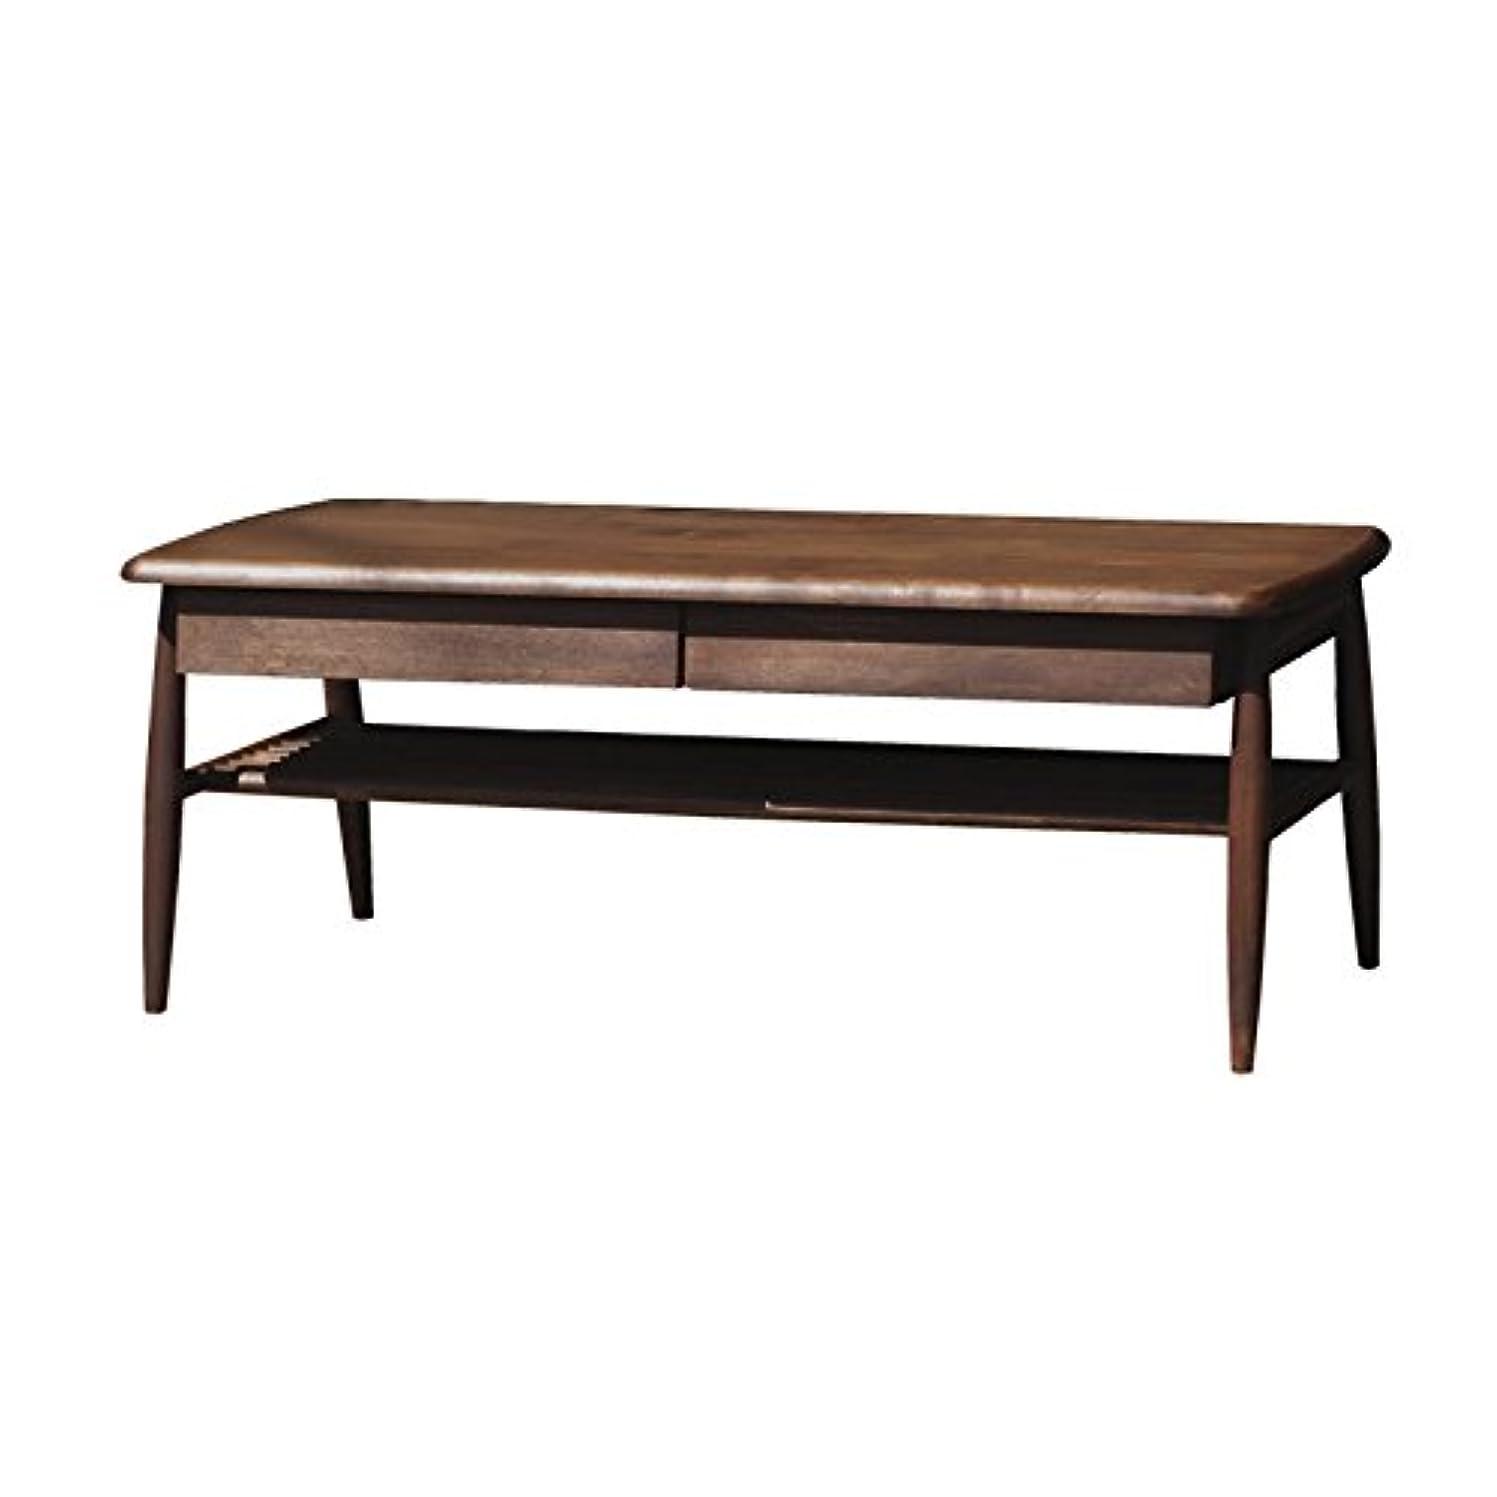 スカウトピラミッド活気づくISSEIKI センターテーブル 幅100㎝ ブラウン 木製 ELAN 100 CENTER TABLE (MBR)